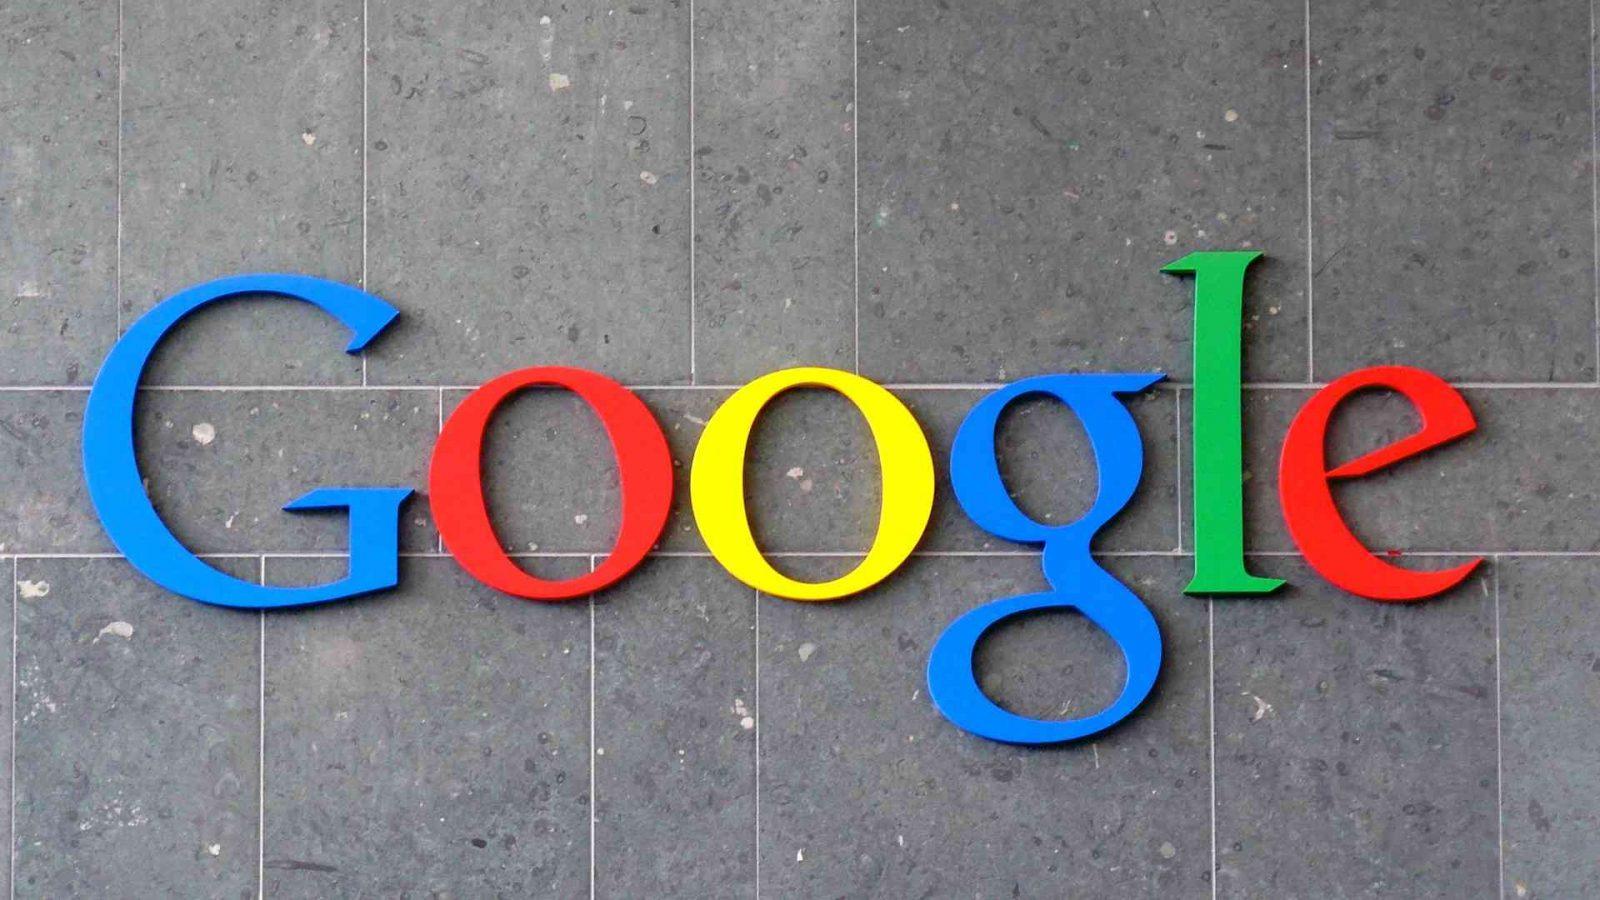 غوغل يغني لتلقيح كورونا  (فيديو)